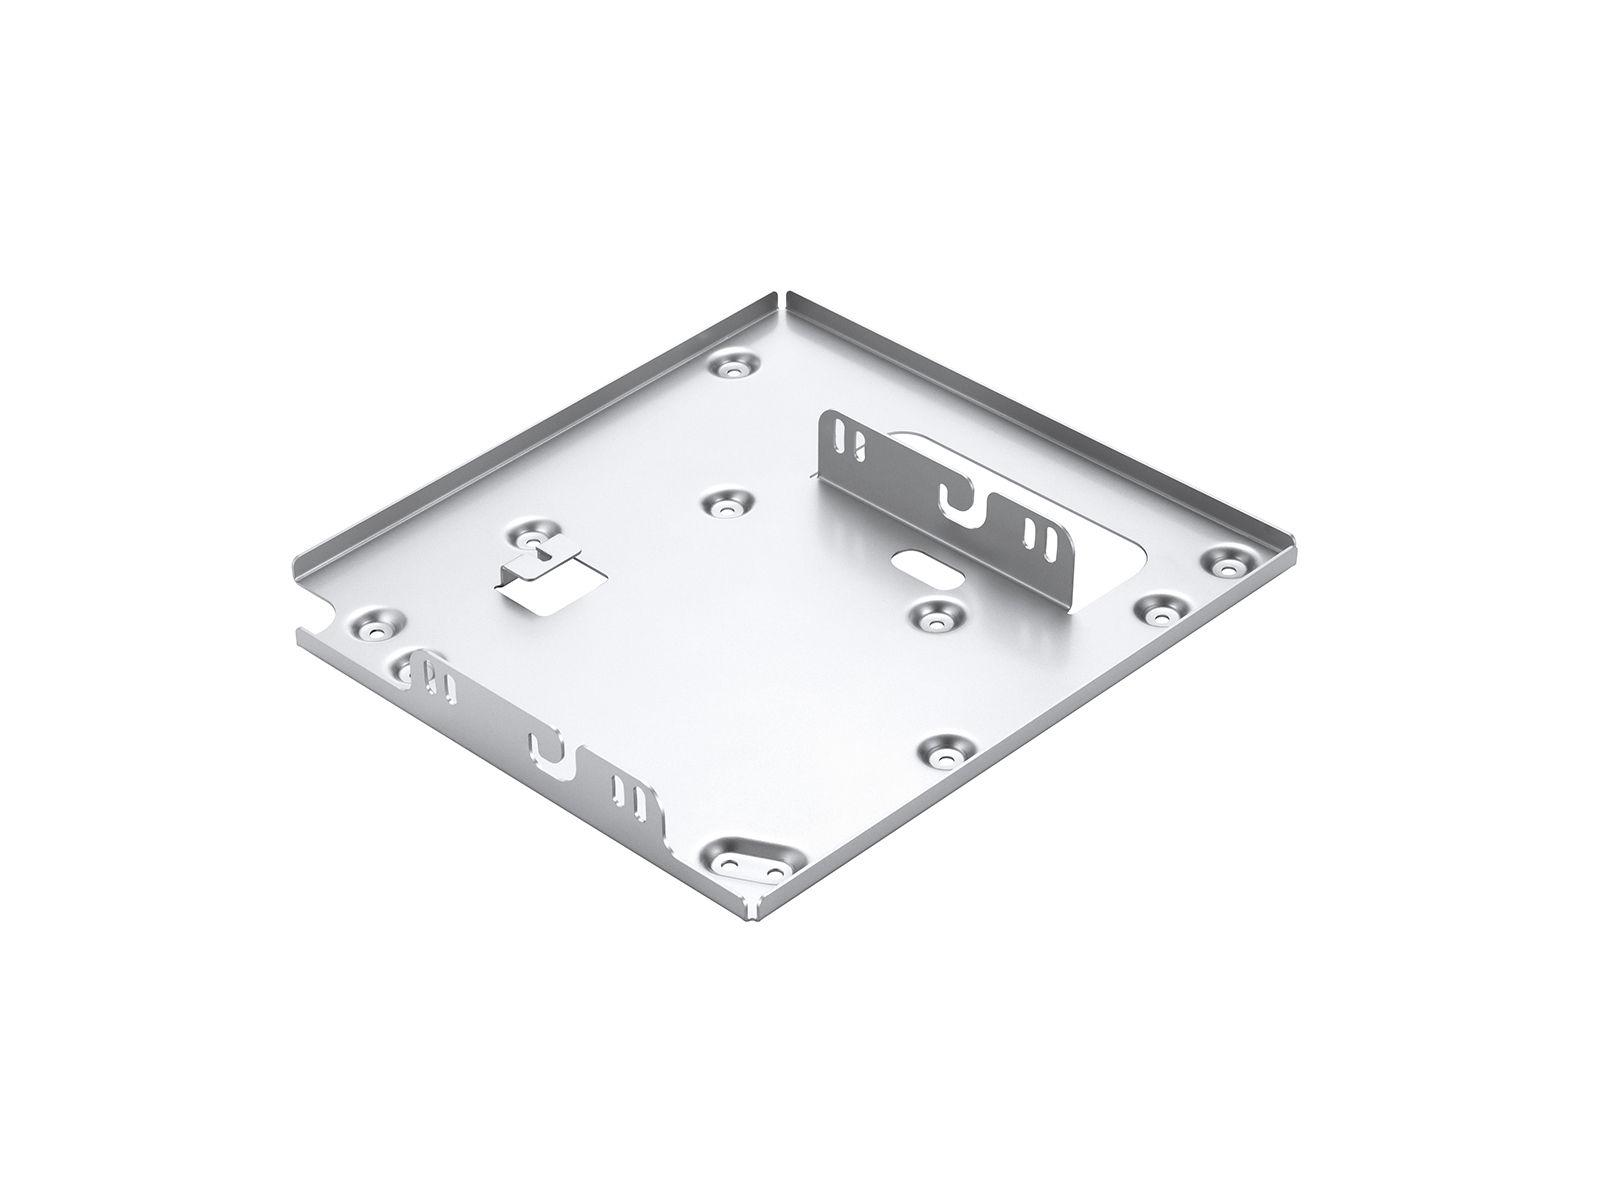 Panasonic ET-PKD130B | Deckenhalterung, PT-RW630/RZ670/DW830/DX100/, DZ870 mit ET-DLE030